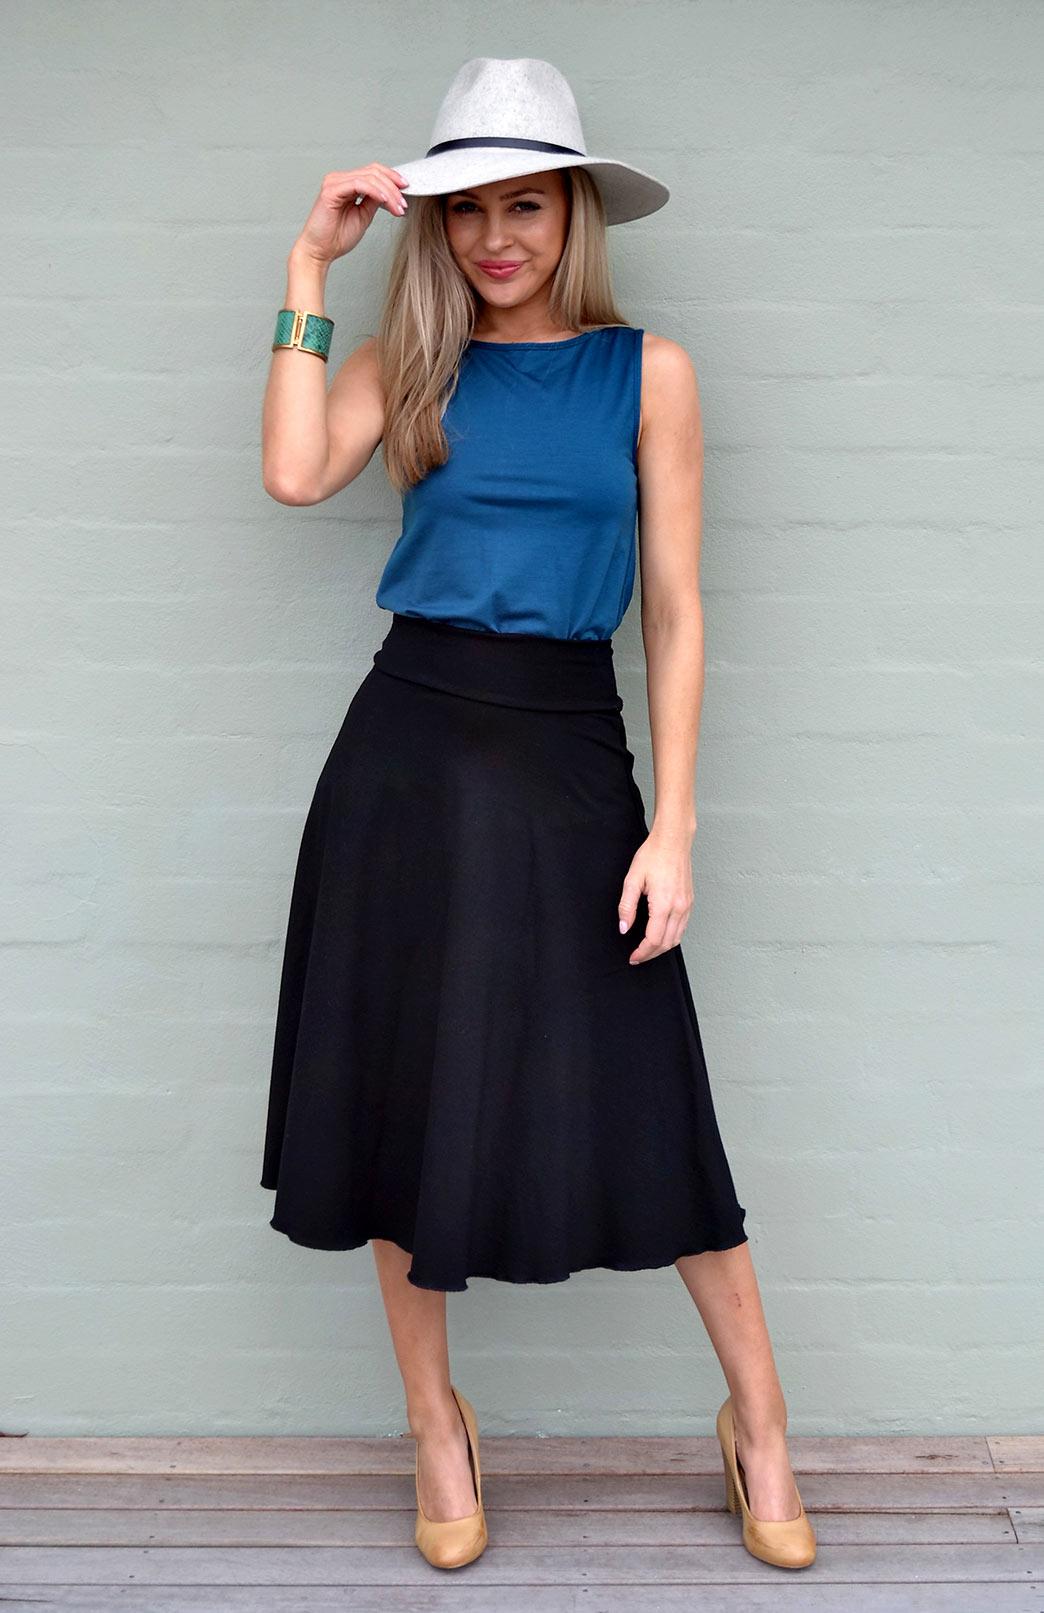 Black Twirl Skirt - Women's Black A-Line Swing Wool Skirt - Smitten Merino Tasmania Australia